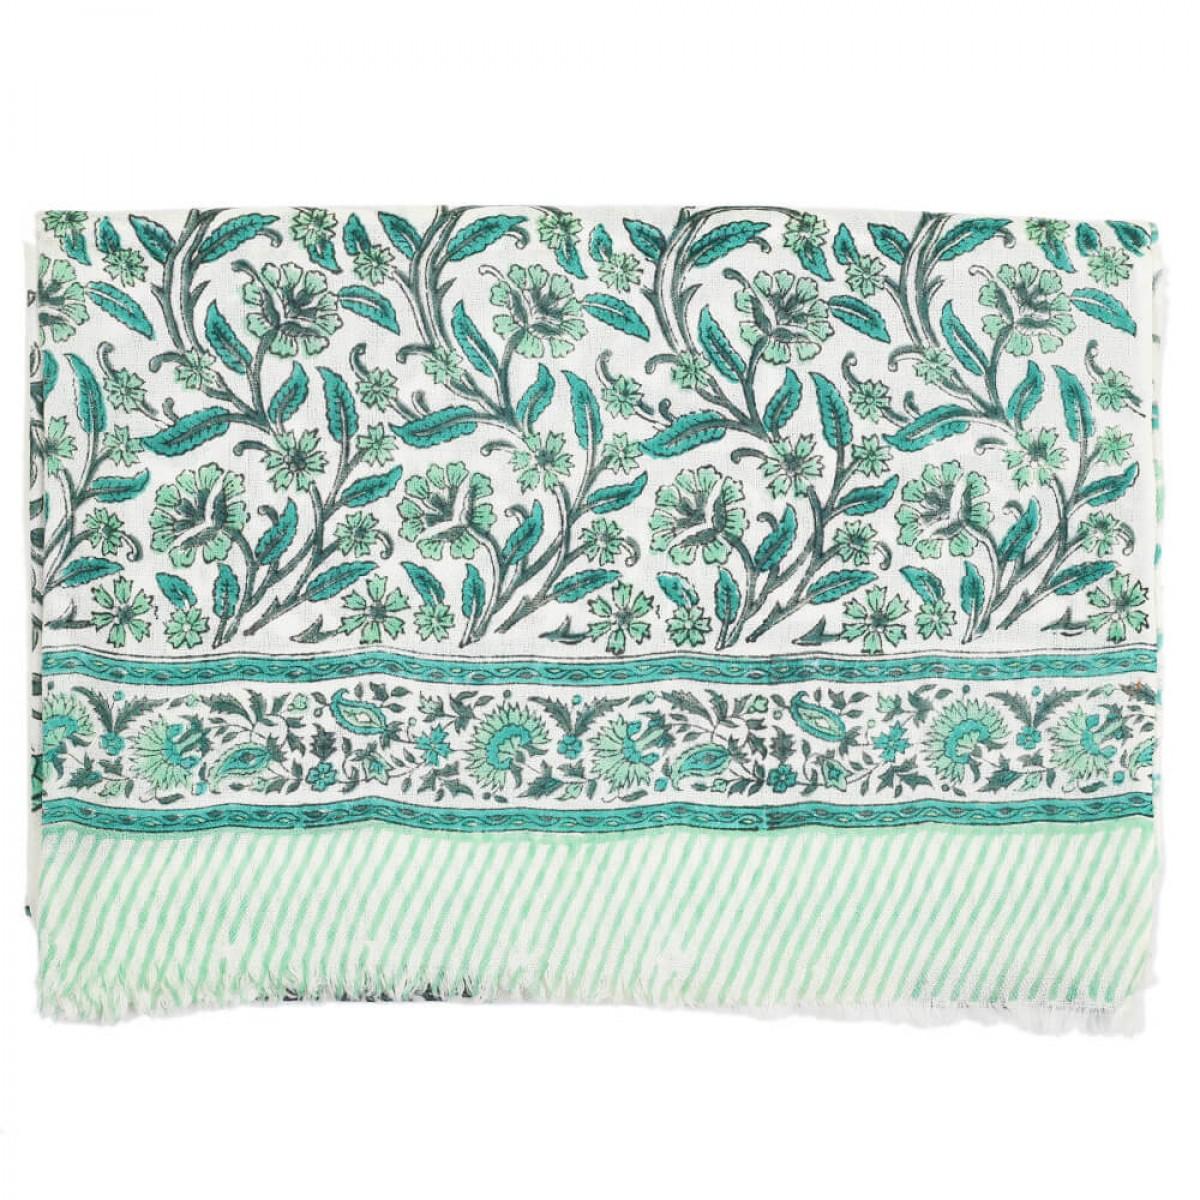 Block Printed Woolen Shawl - Teal